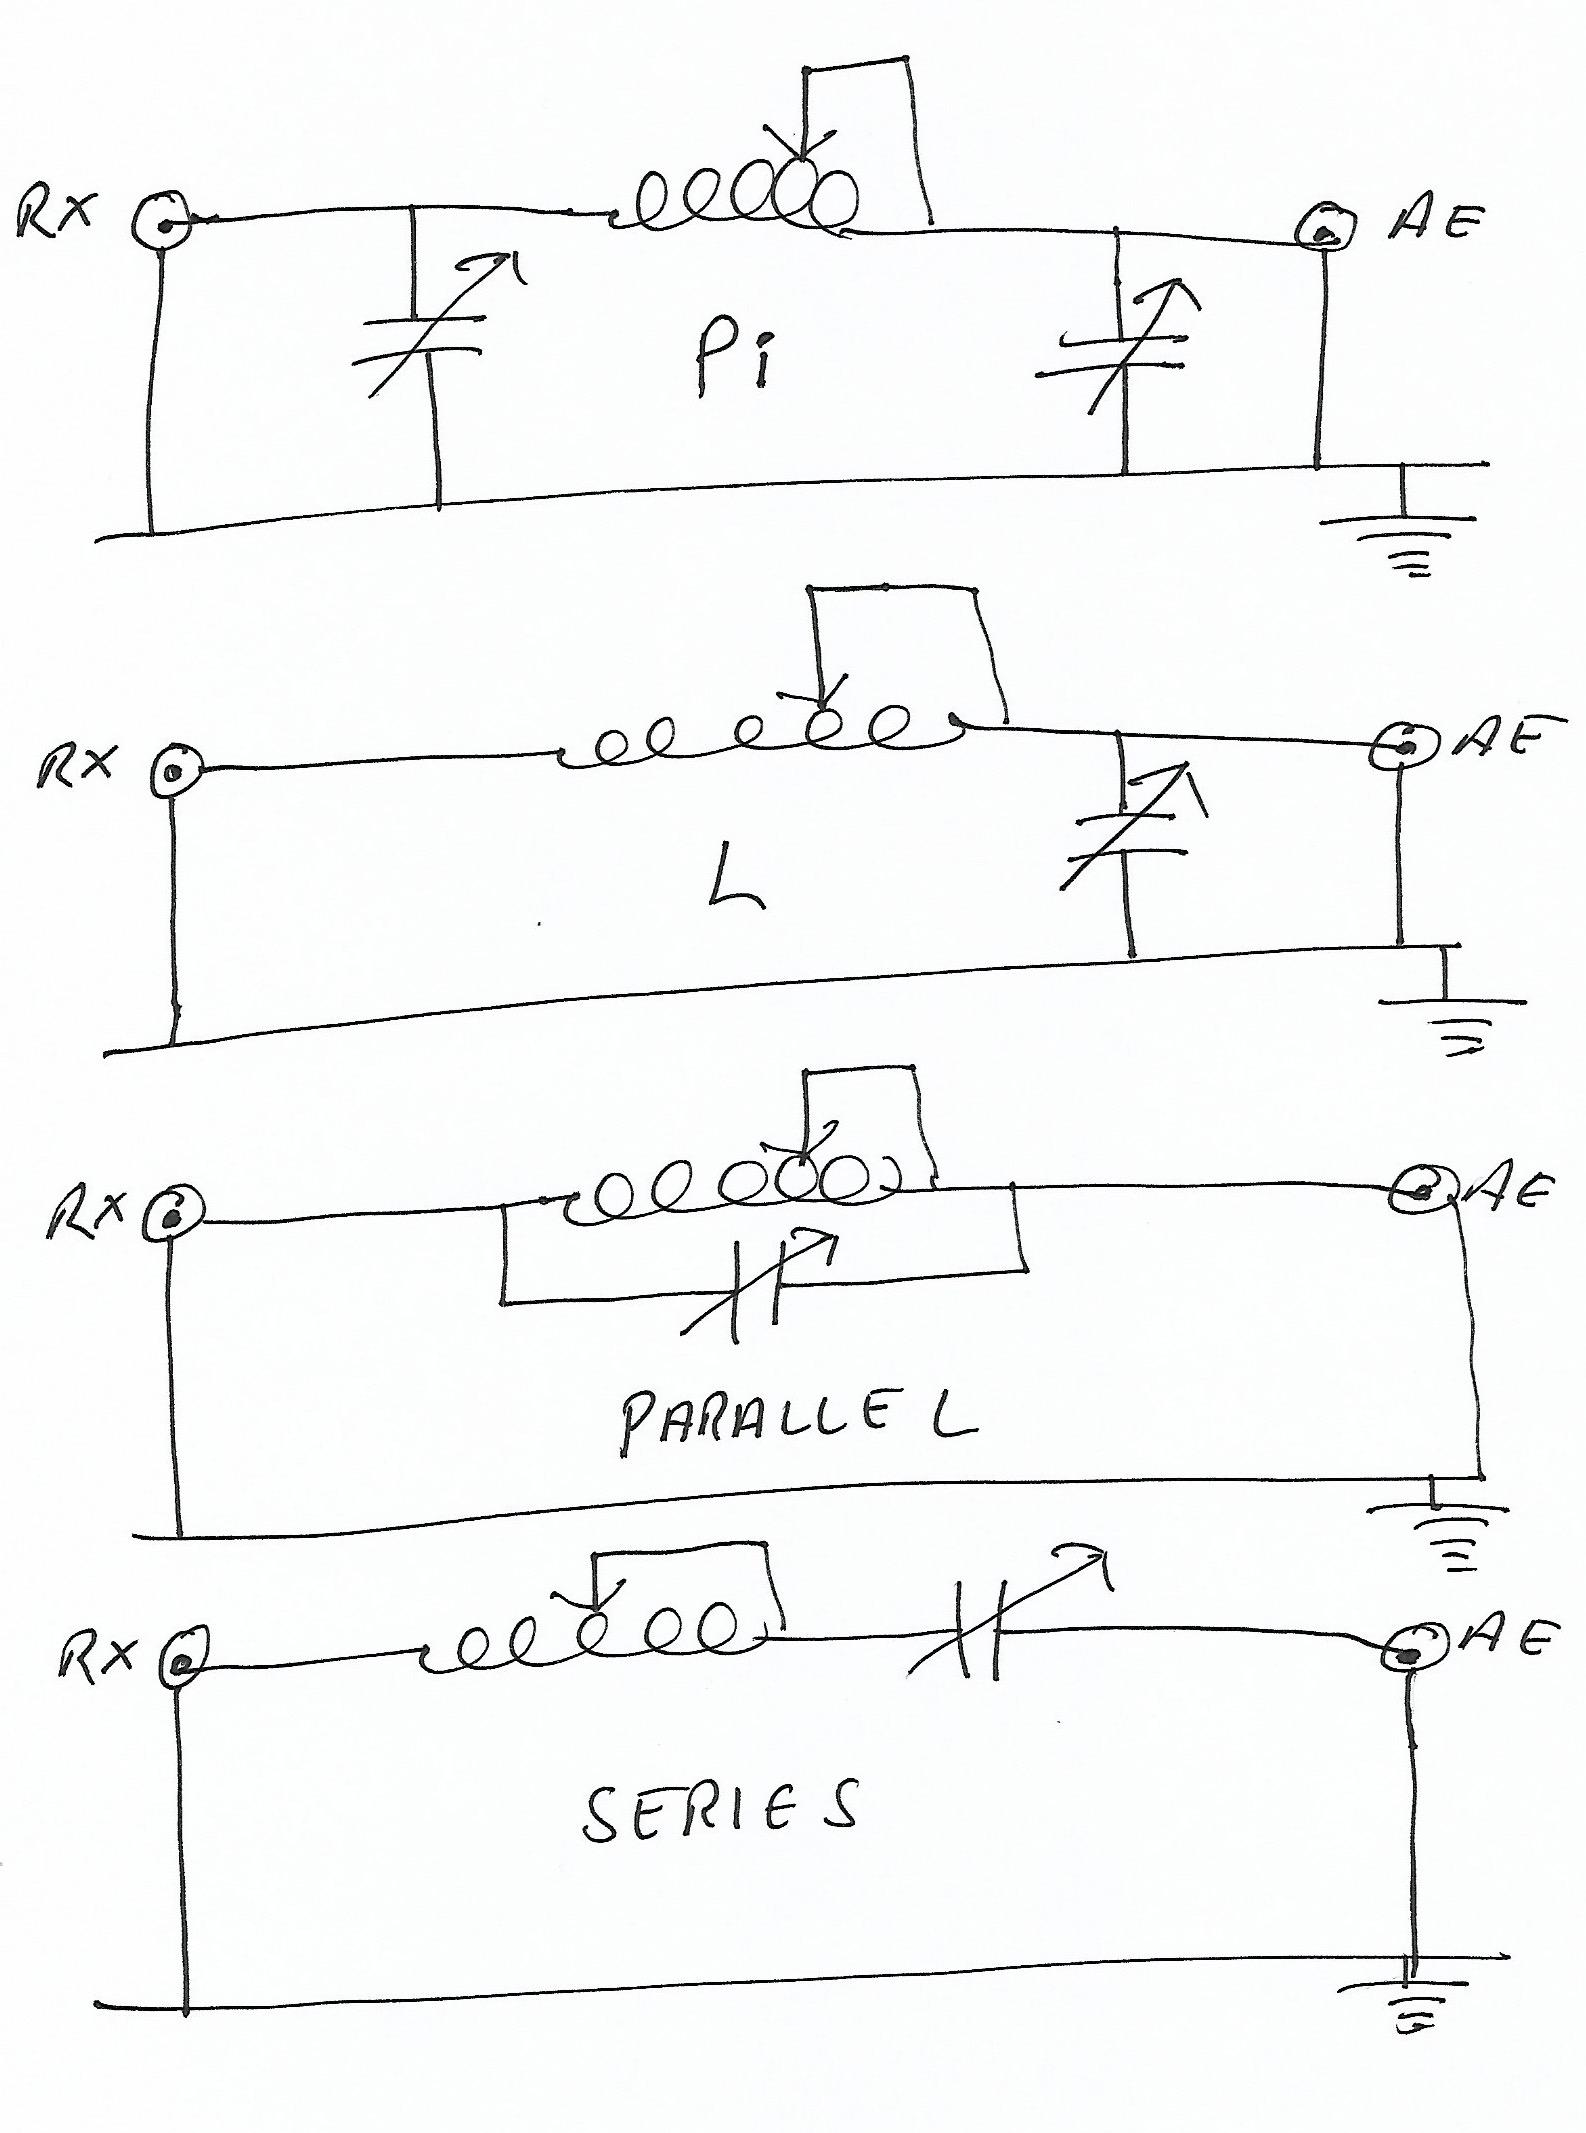 Atu Circuit Diagram